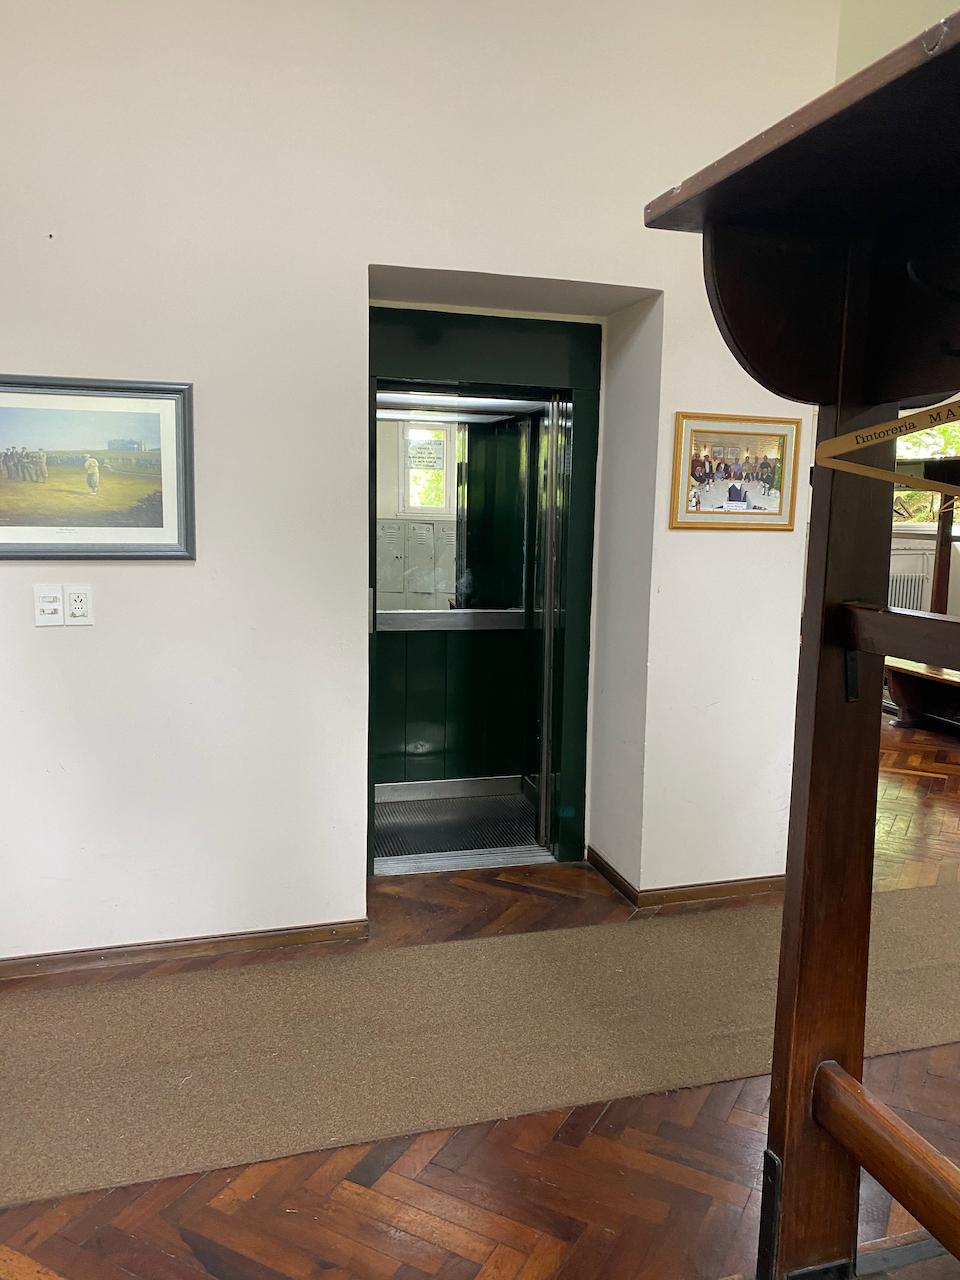 Der Fahrstuhl in der Umkleide